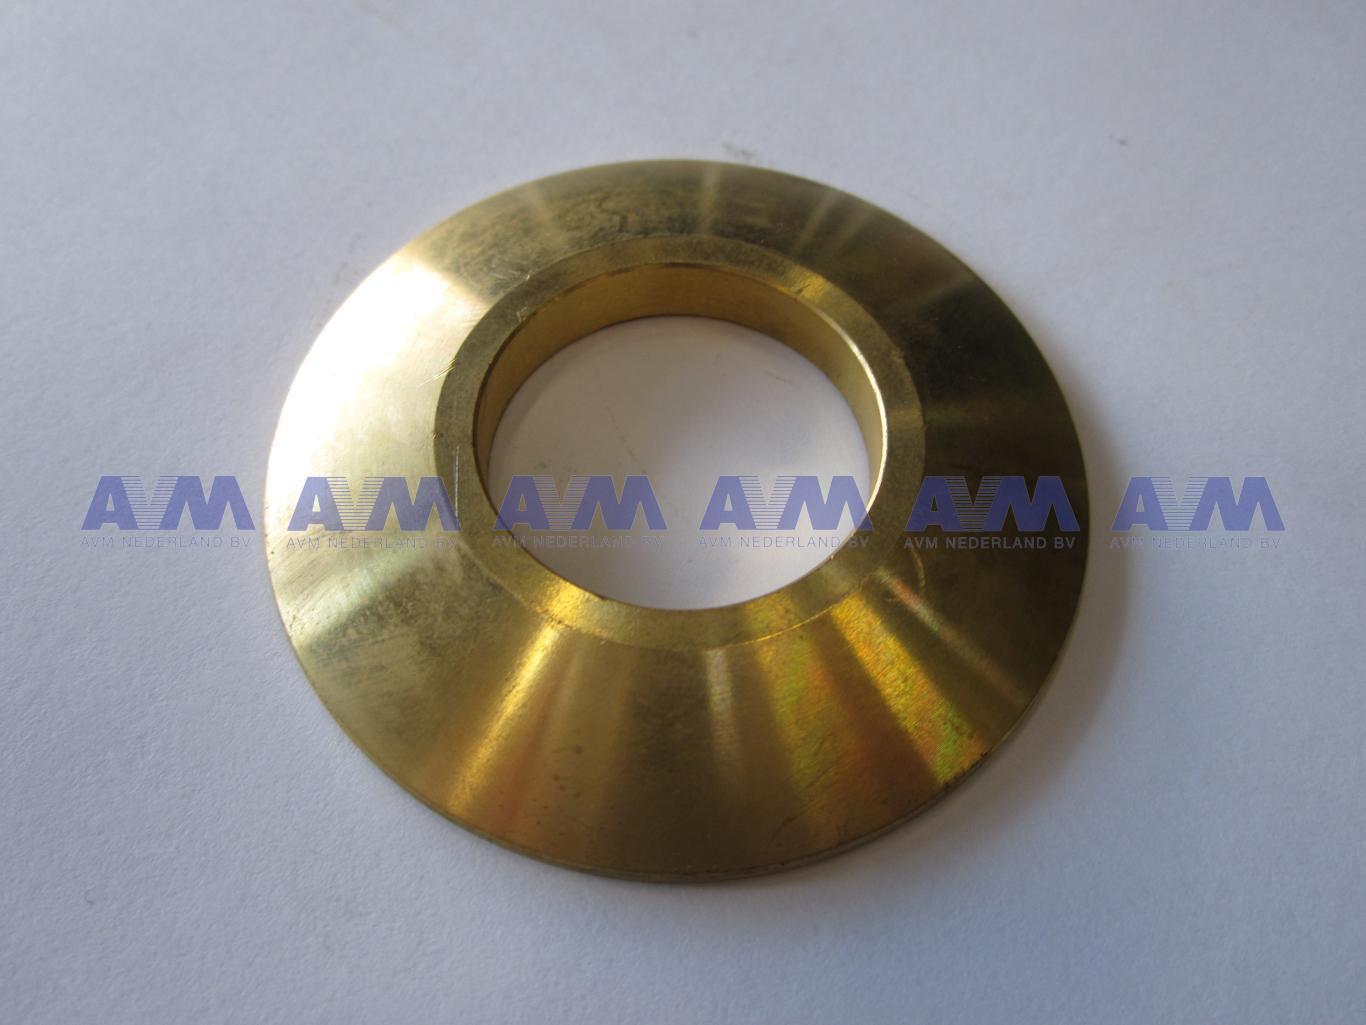 Aanloopschijf brons 8391750 Tadano Demag